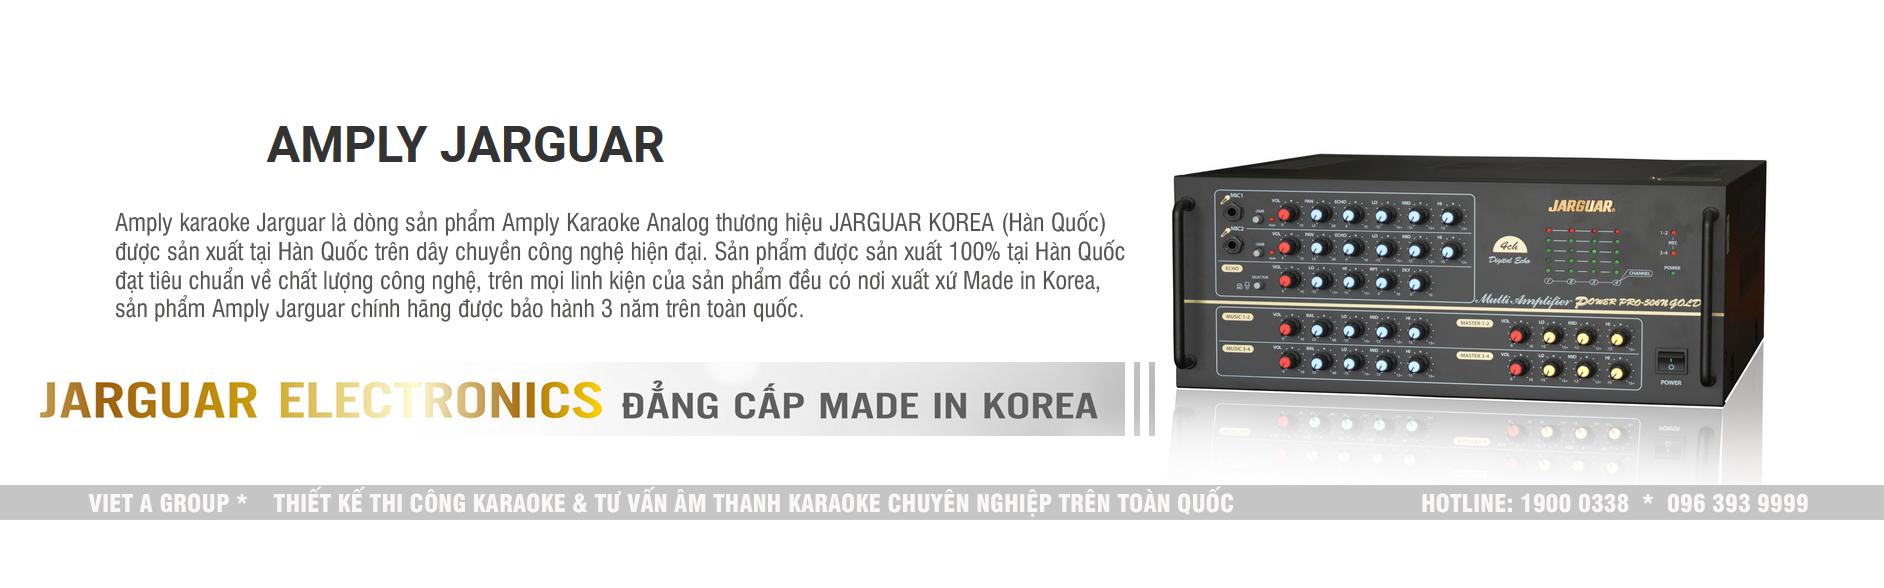 amply jaguar Hàn Quốc